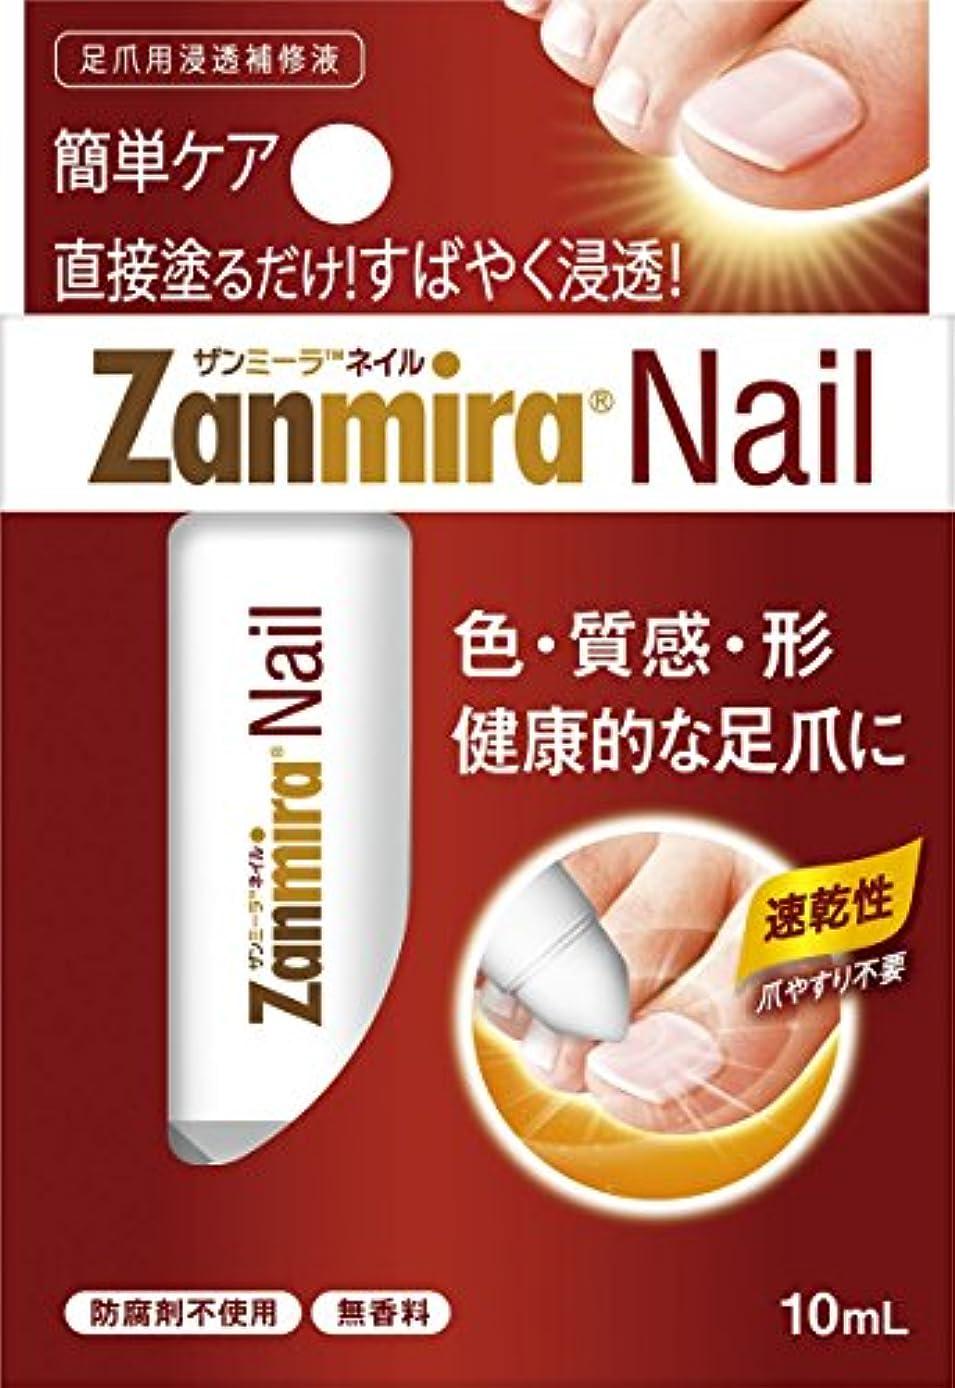 豚肉ジャンプ近似ザンミーラ ネイル Zanmira Nail 10ml 足爪用浸透補修液